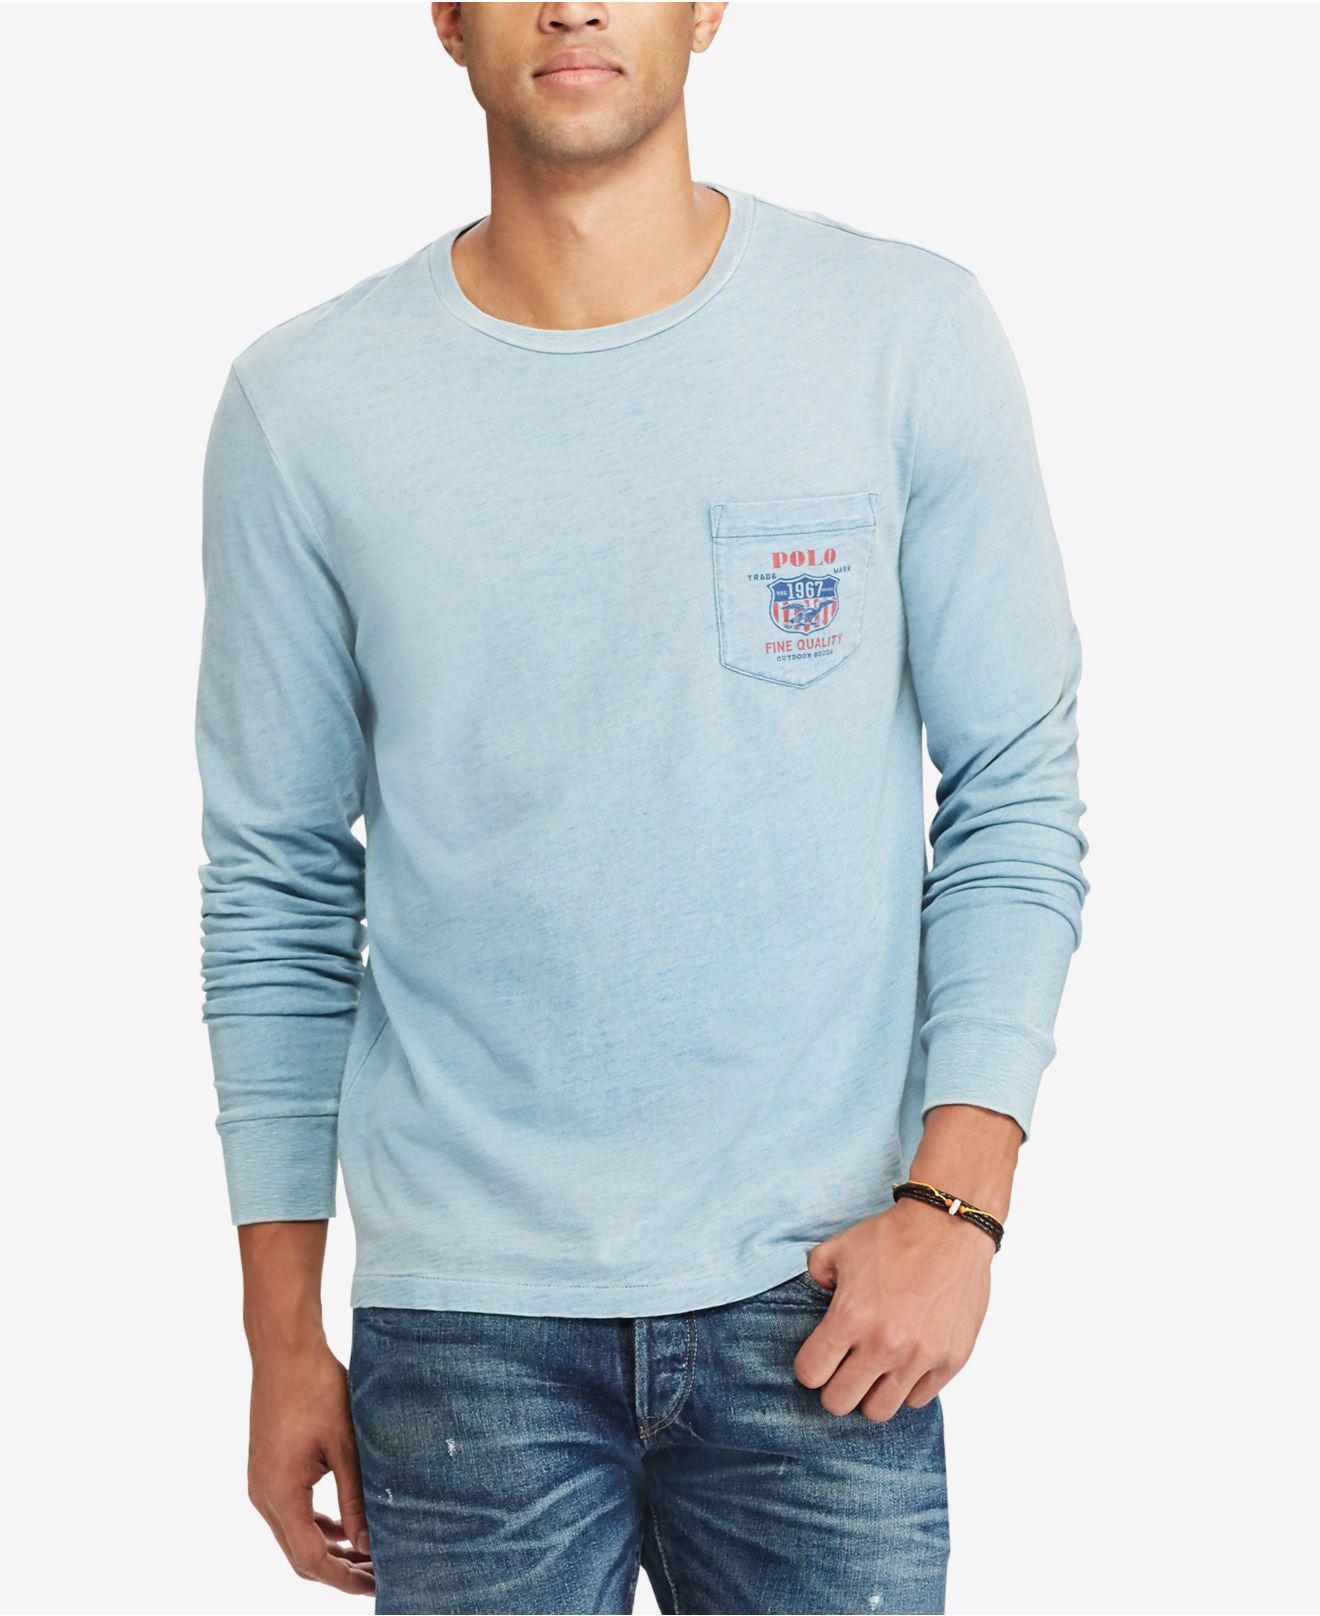 d4a5f5b67672 Polo Ralph Lauren Men's Custom Slim Fit Long-sleeve Cotton T-shirt ...